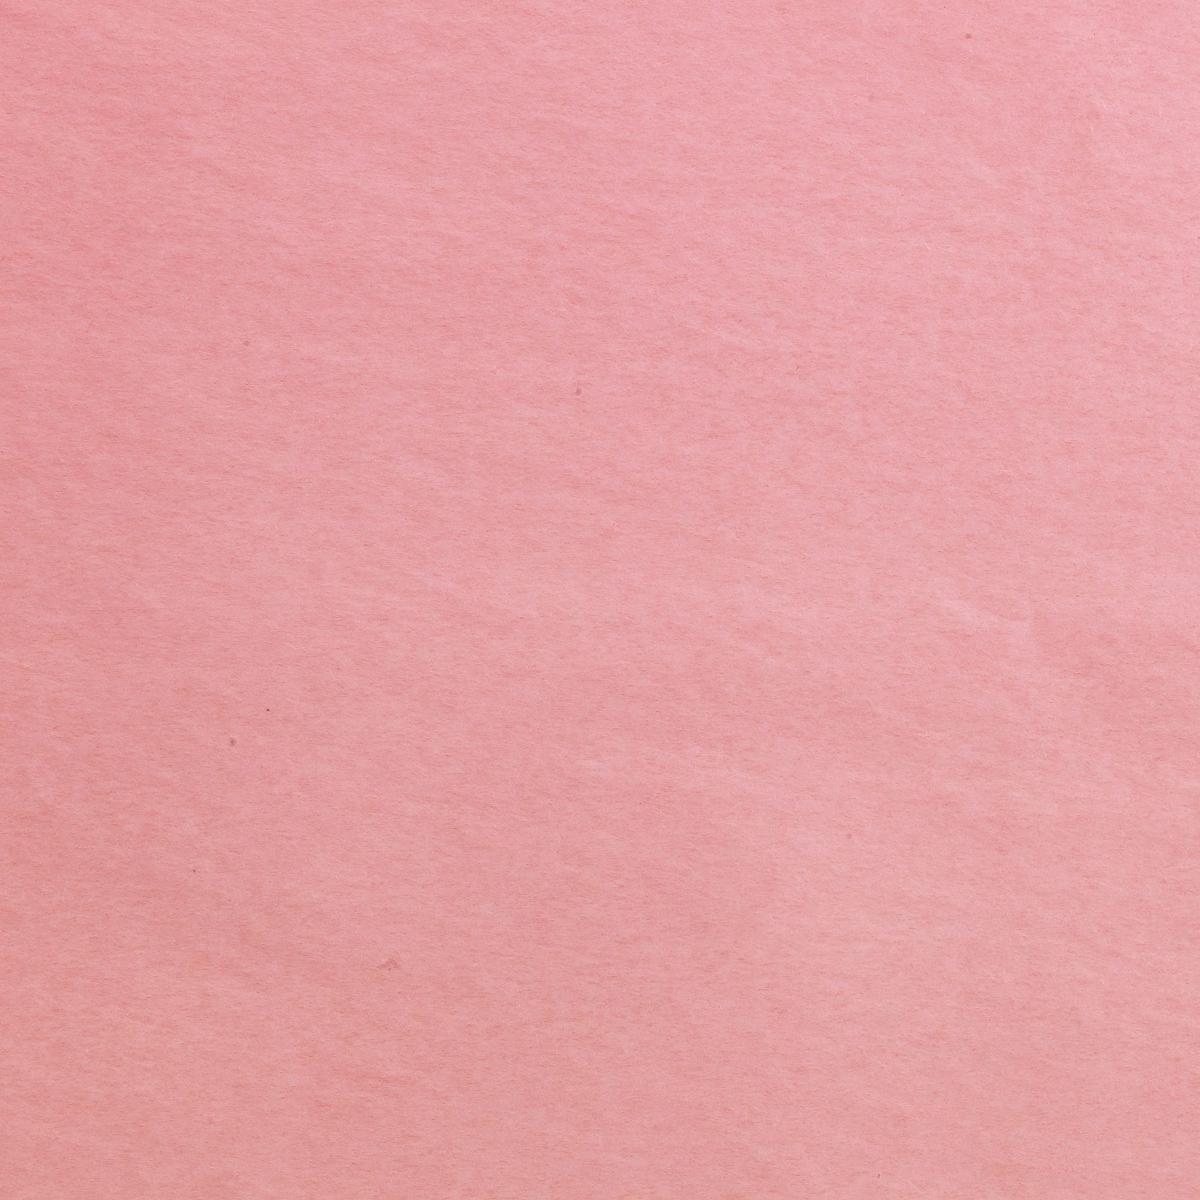 svenska escort sidor rosa sidan göteborg